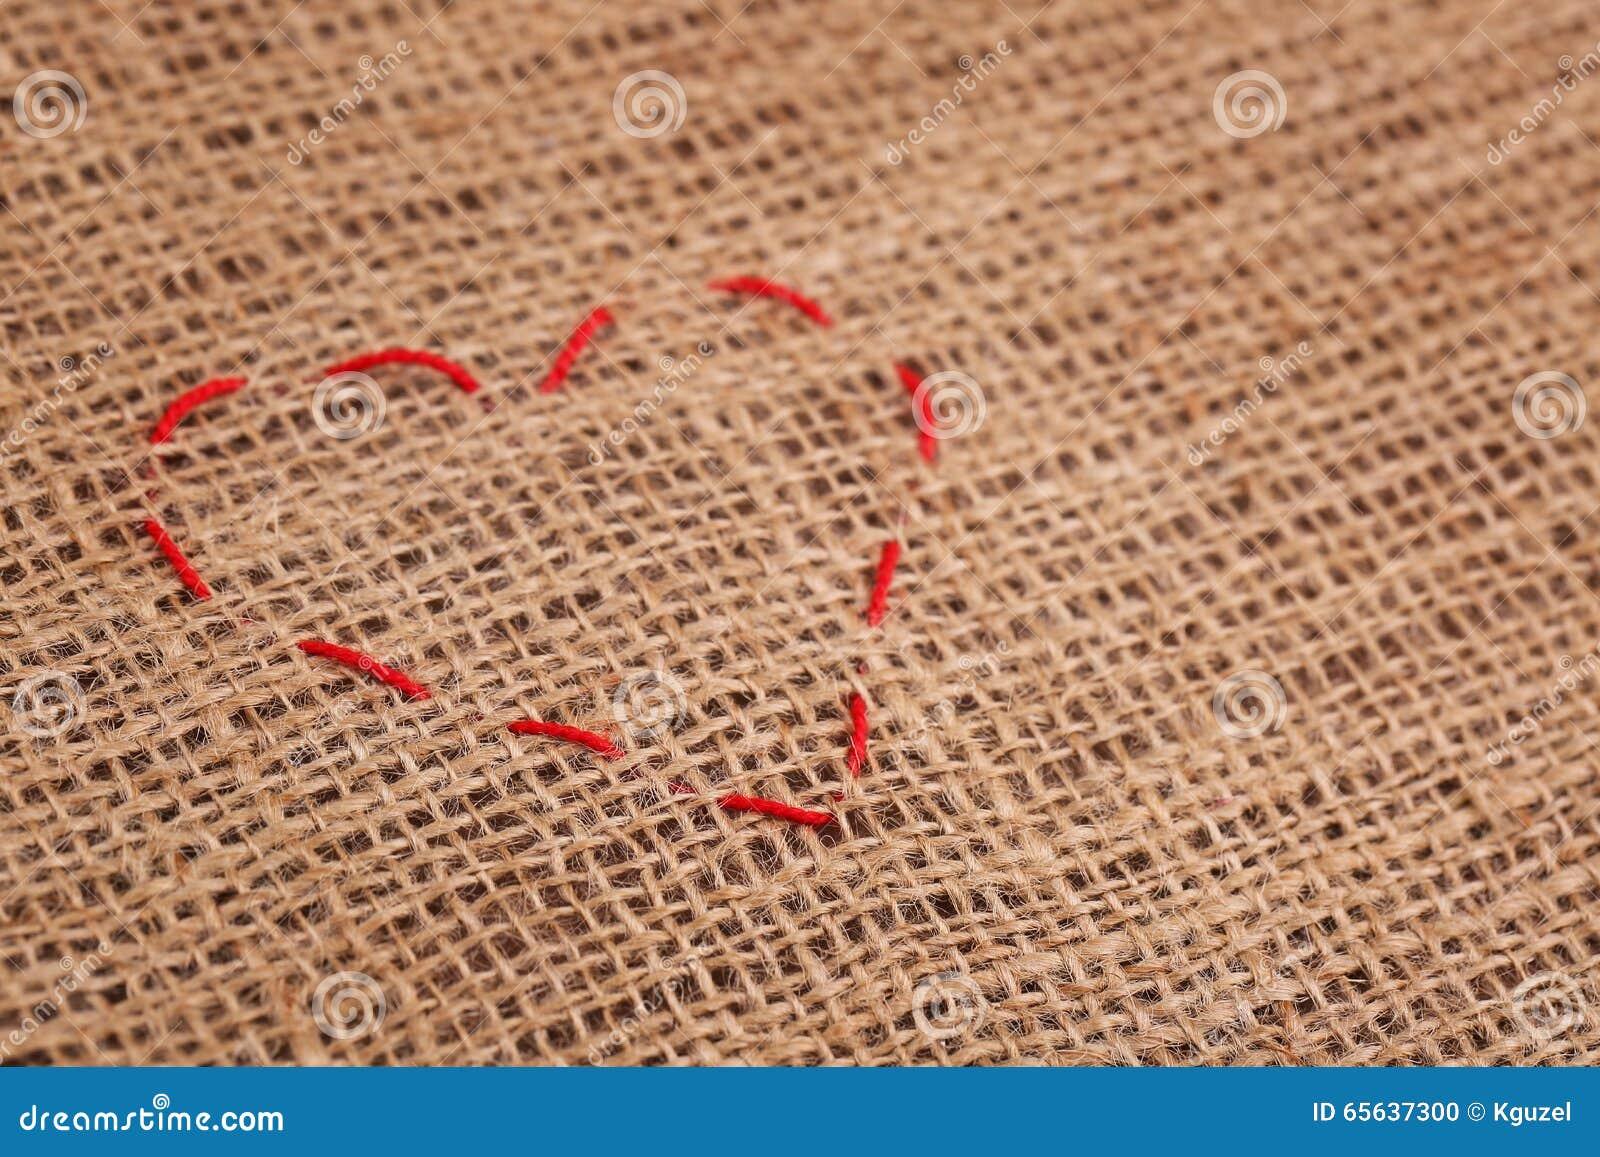 Points de forme de coeur sur le fond de toile de jute